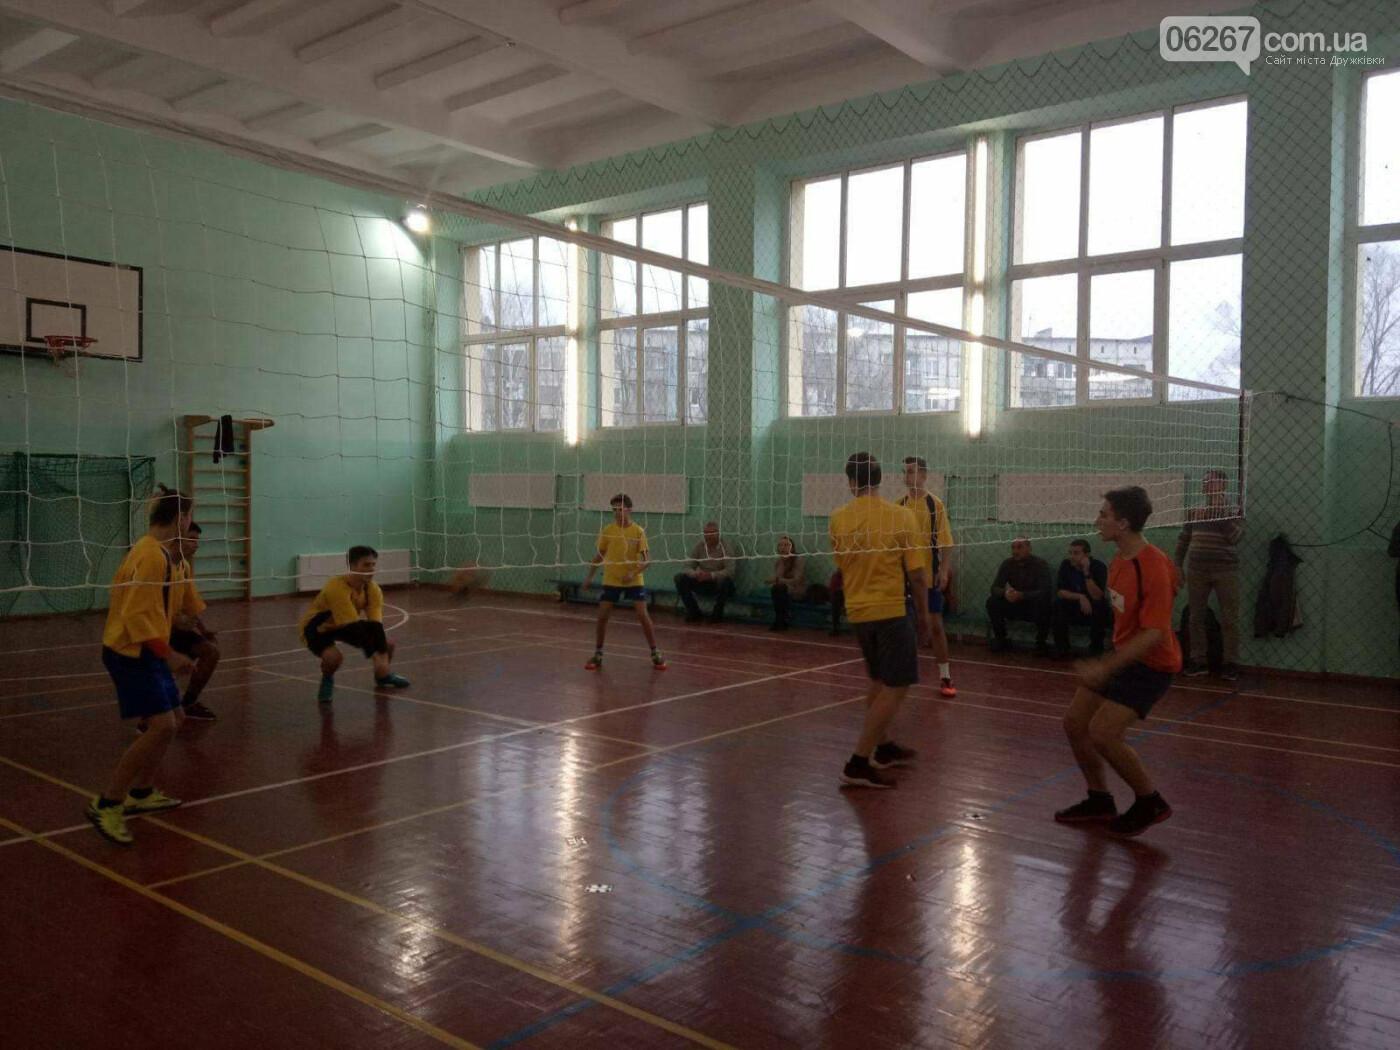 Дружковка: Стали известны призеры городского чемпионата по волейболу среди старшеклассников (ФОТО), фото-2